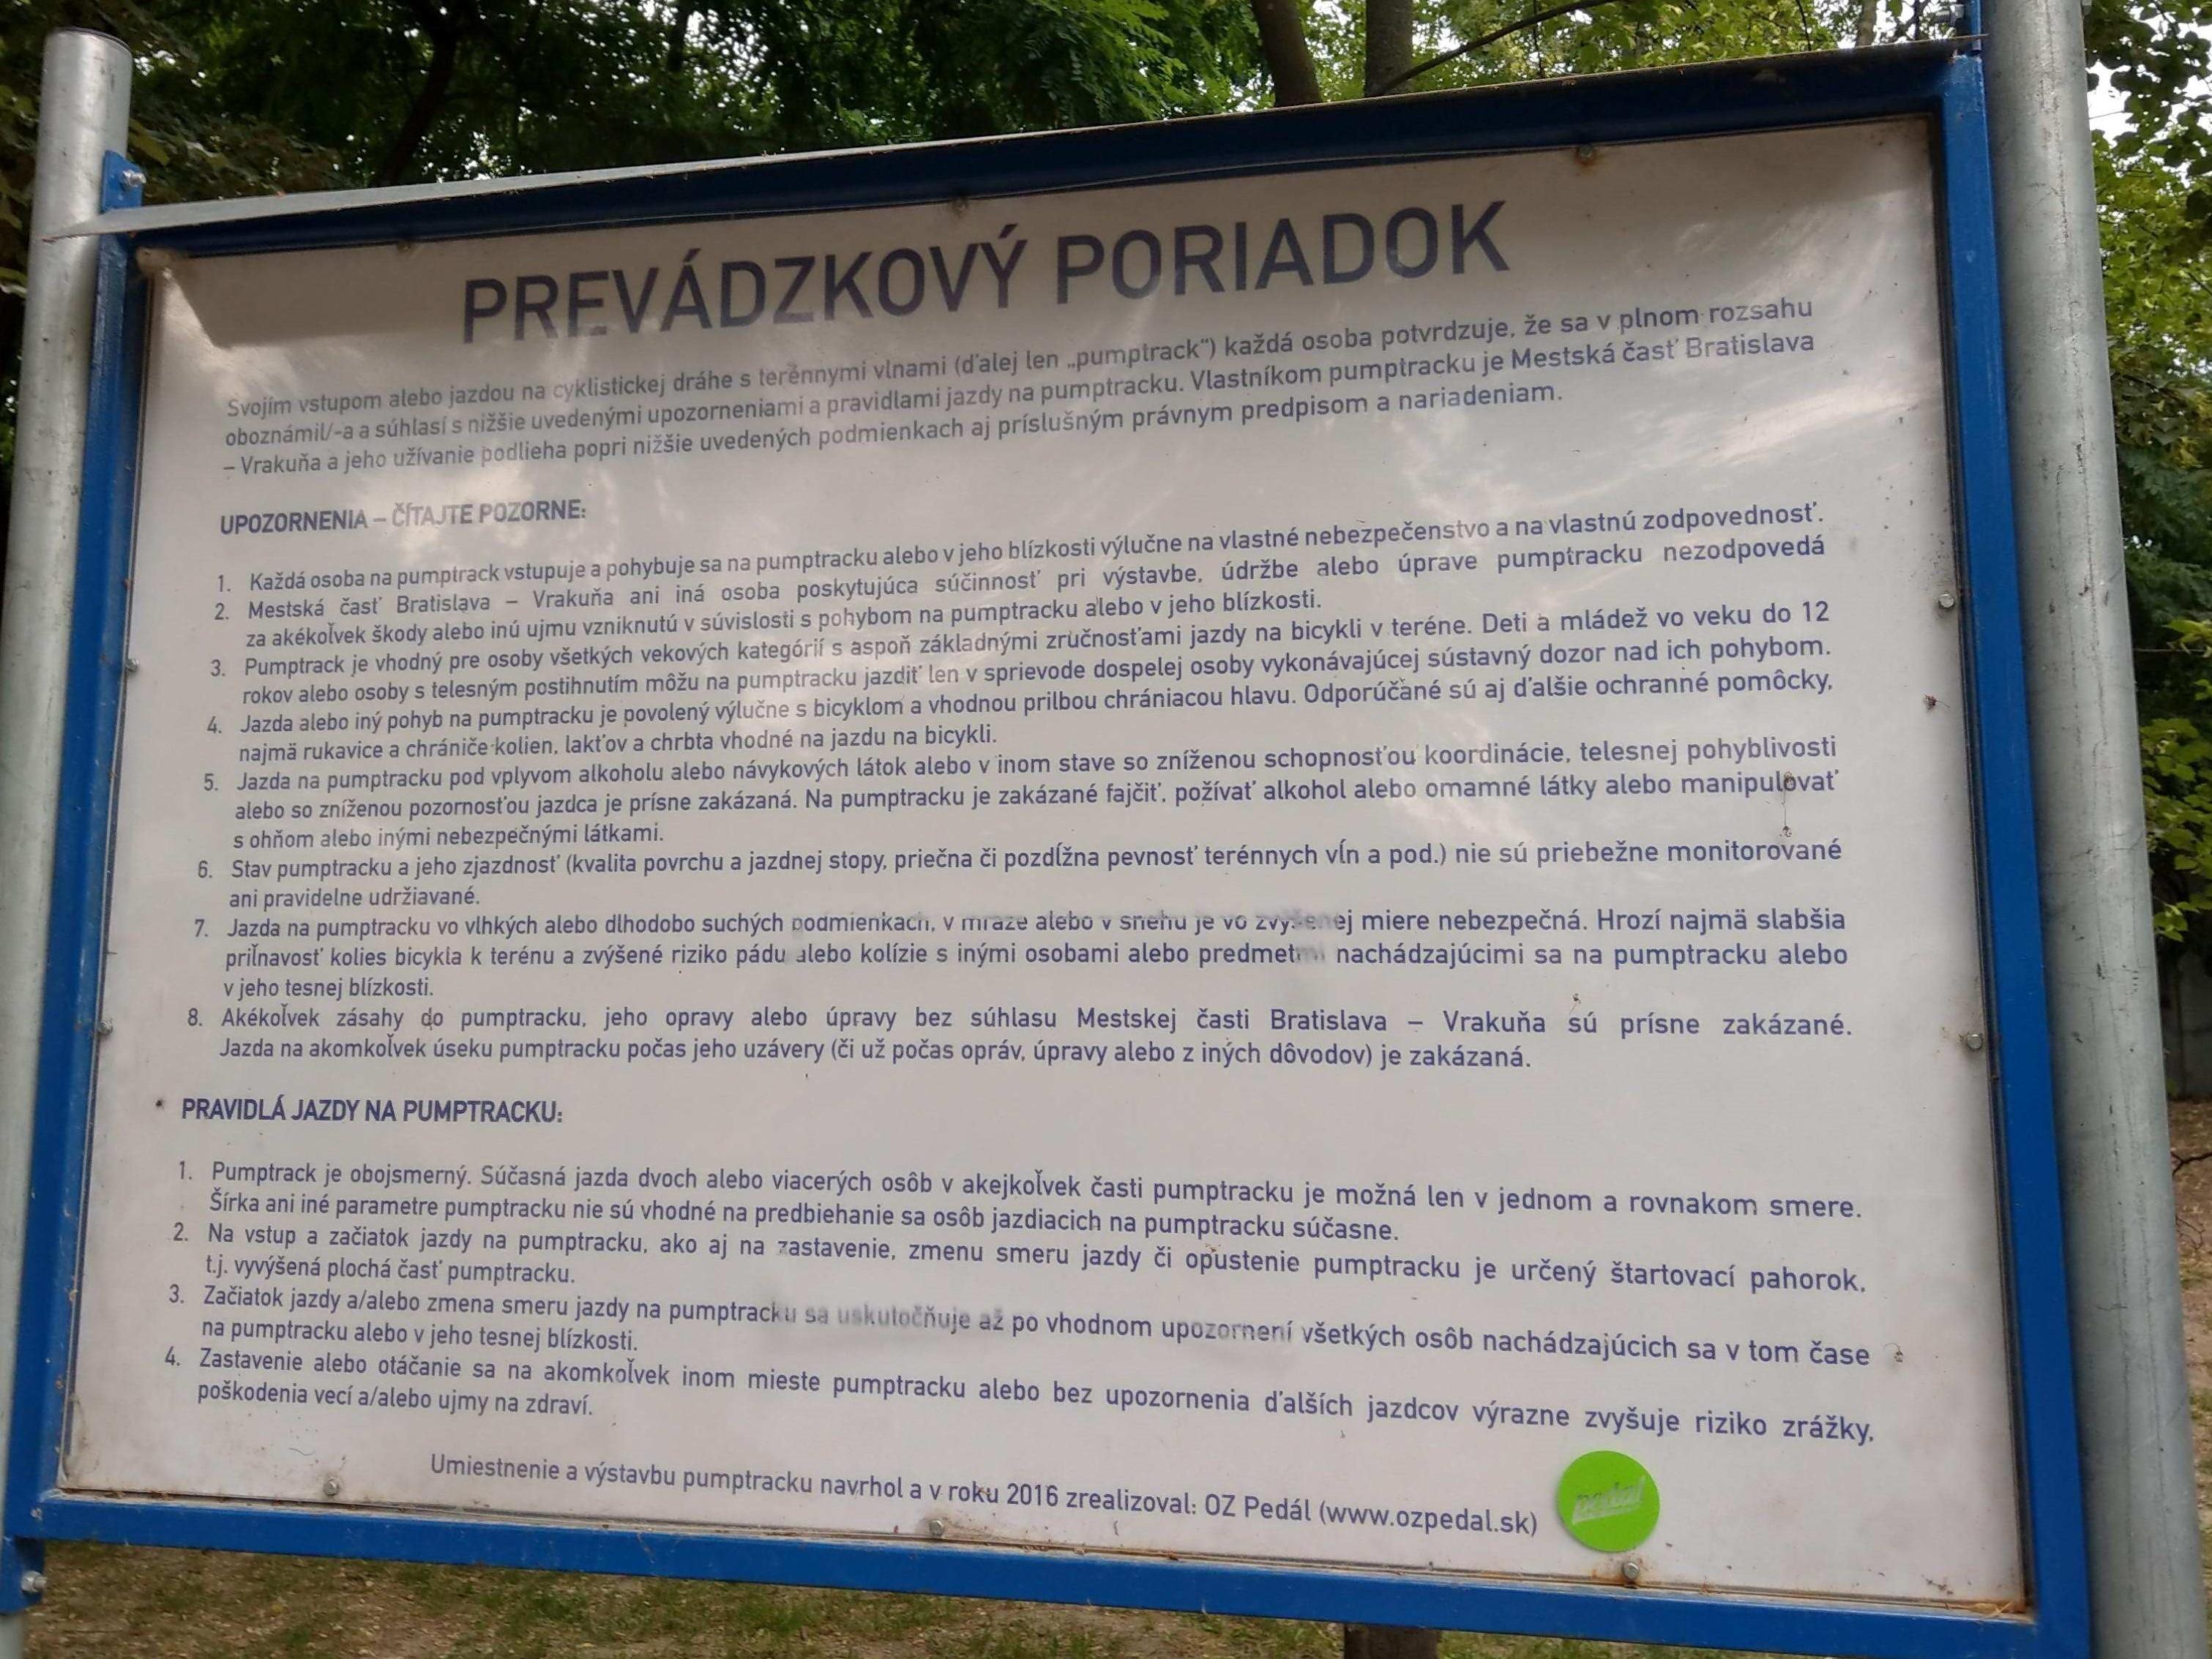 Pumptrack Vrakunsky lesopark (2)